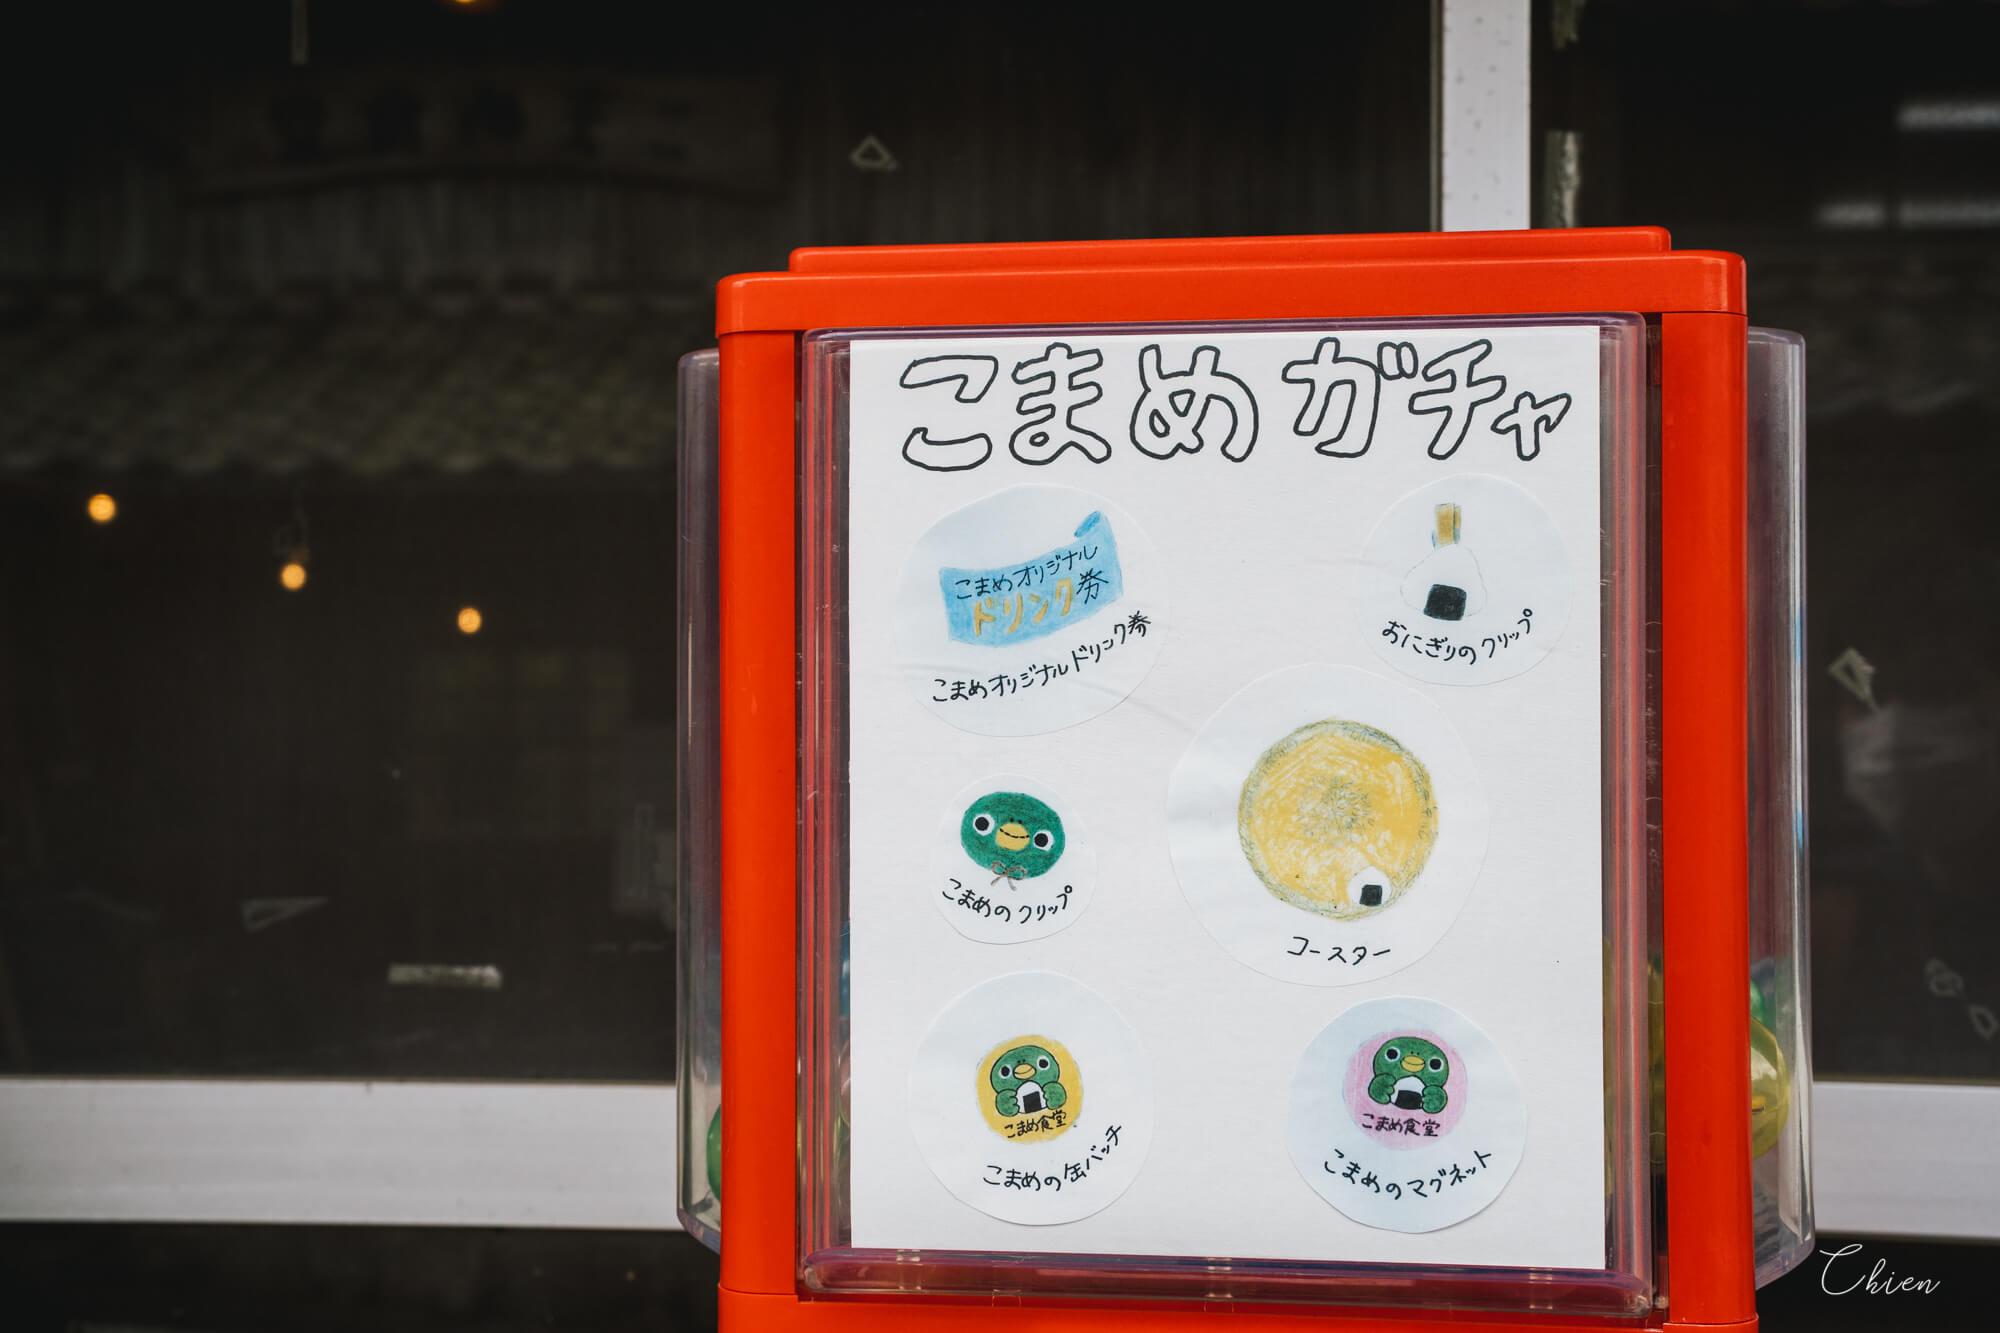 香川景點 小豆食堂